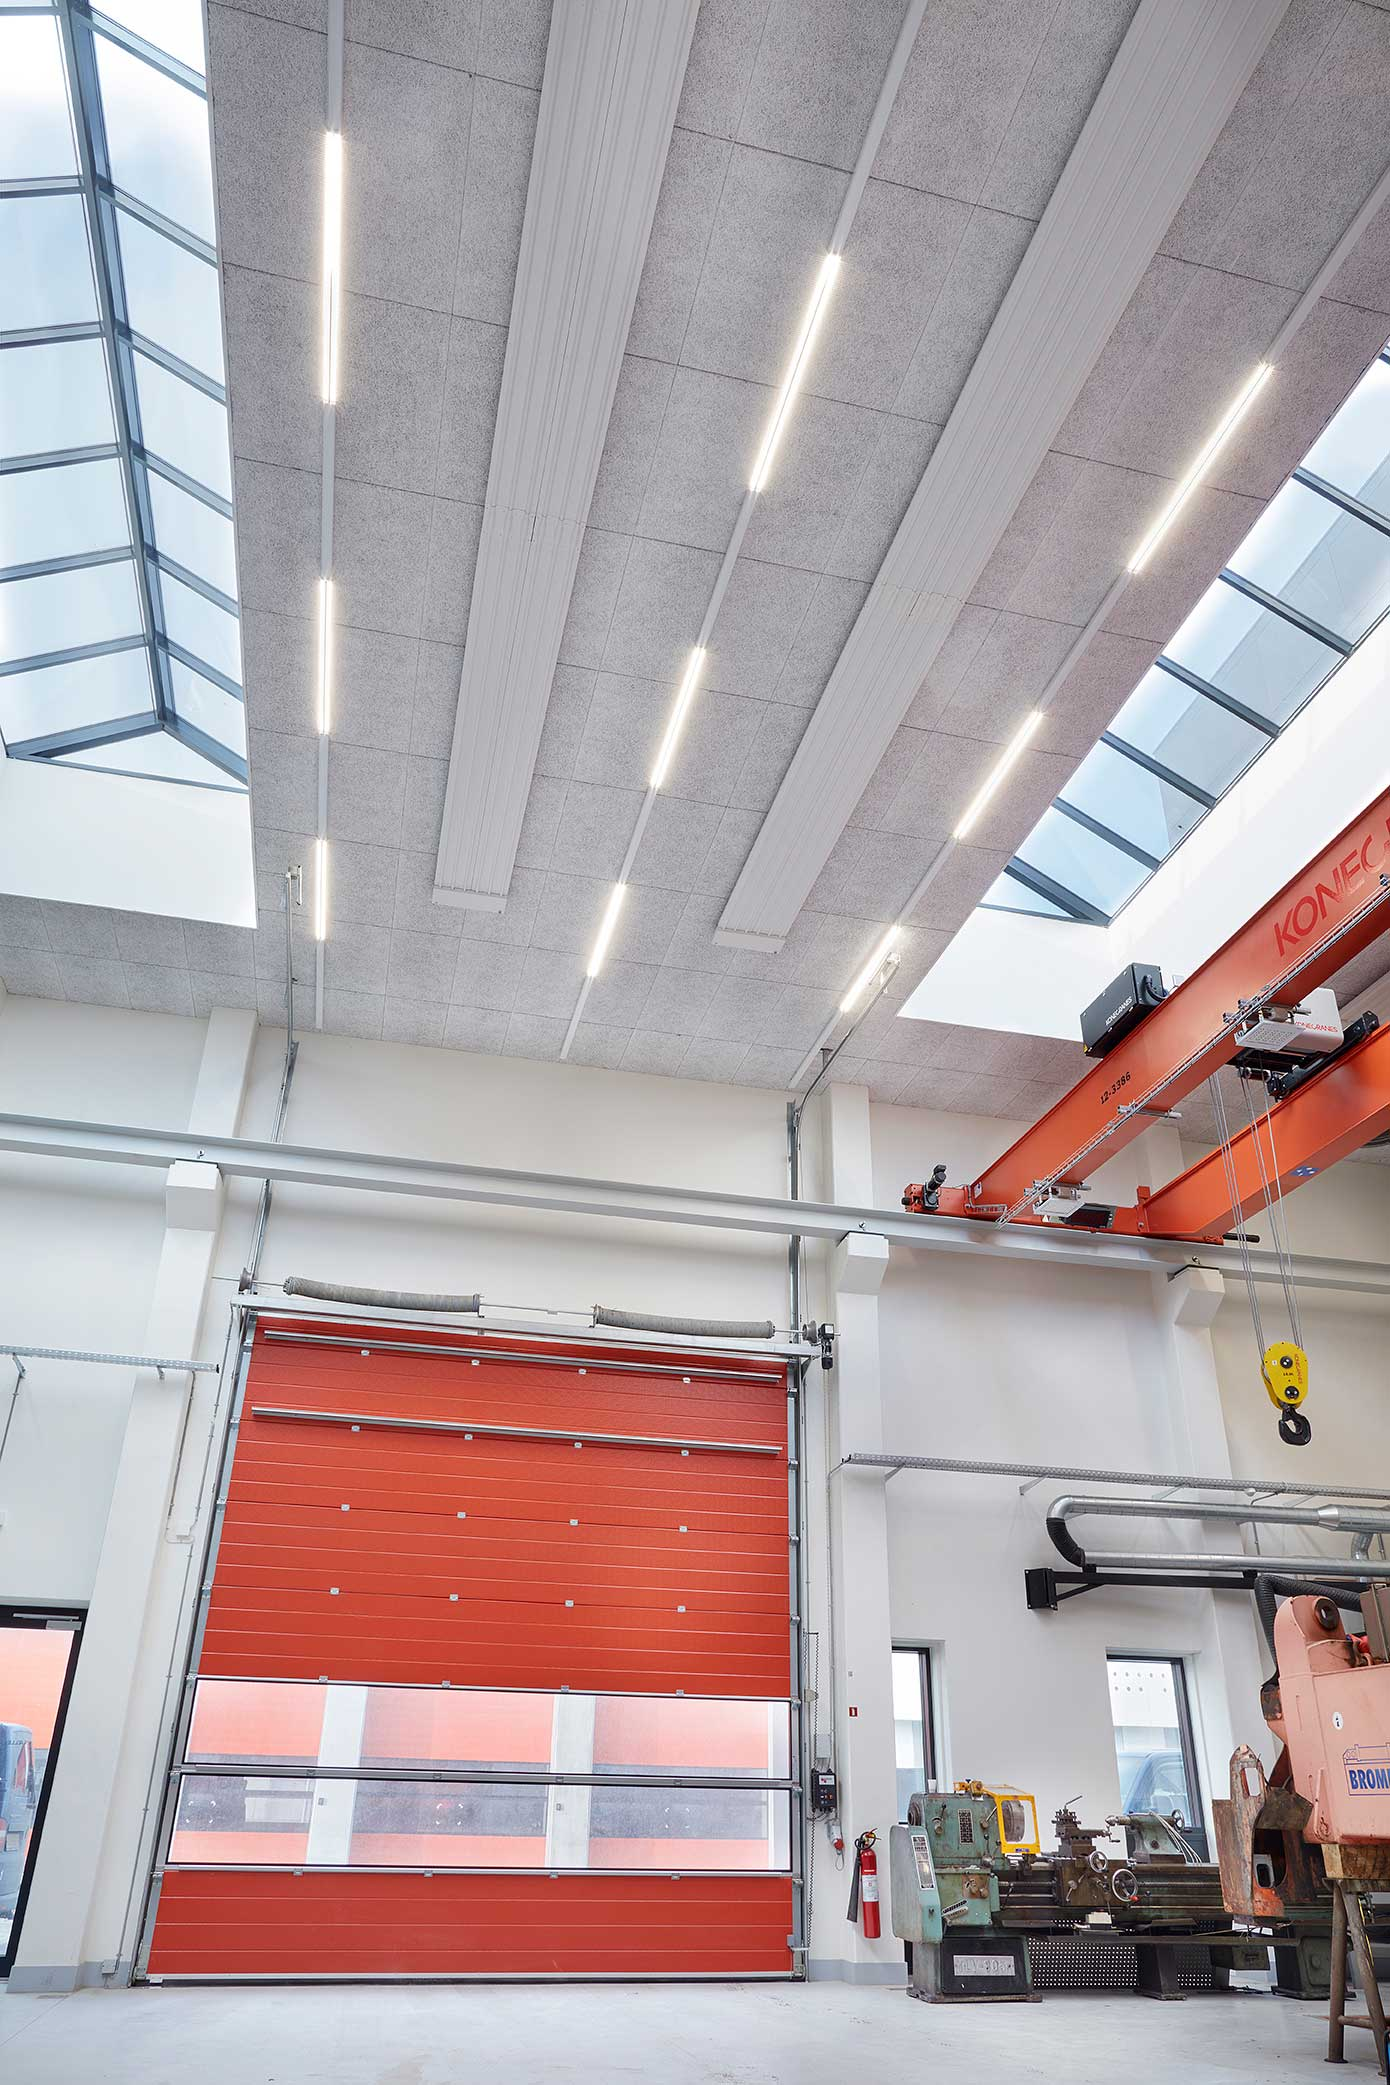 Linia i skinne system opsat på lager og ved porte - Luminex